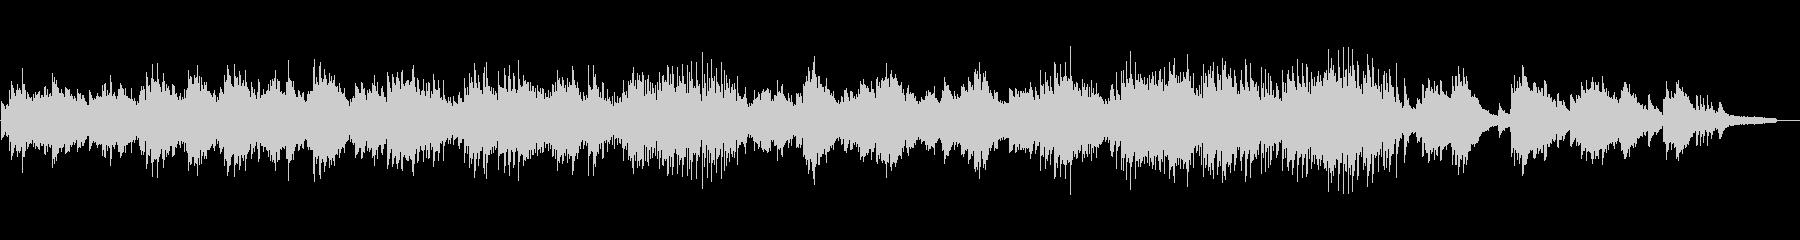 ピアノによるインストバラードの未再生の波形